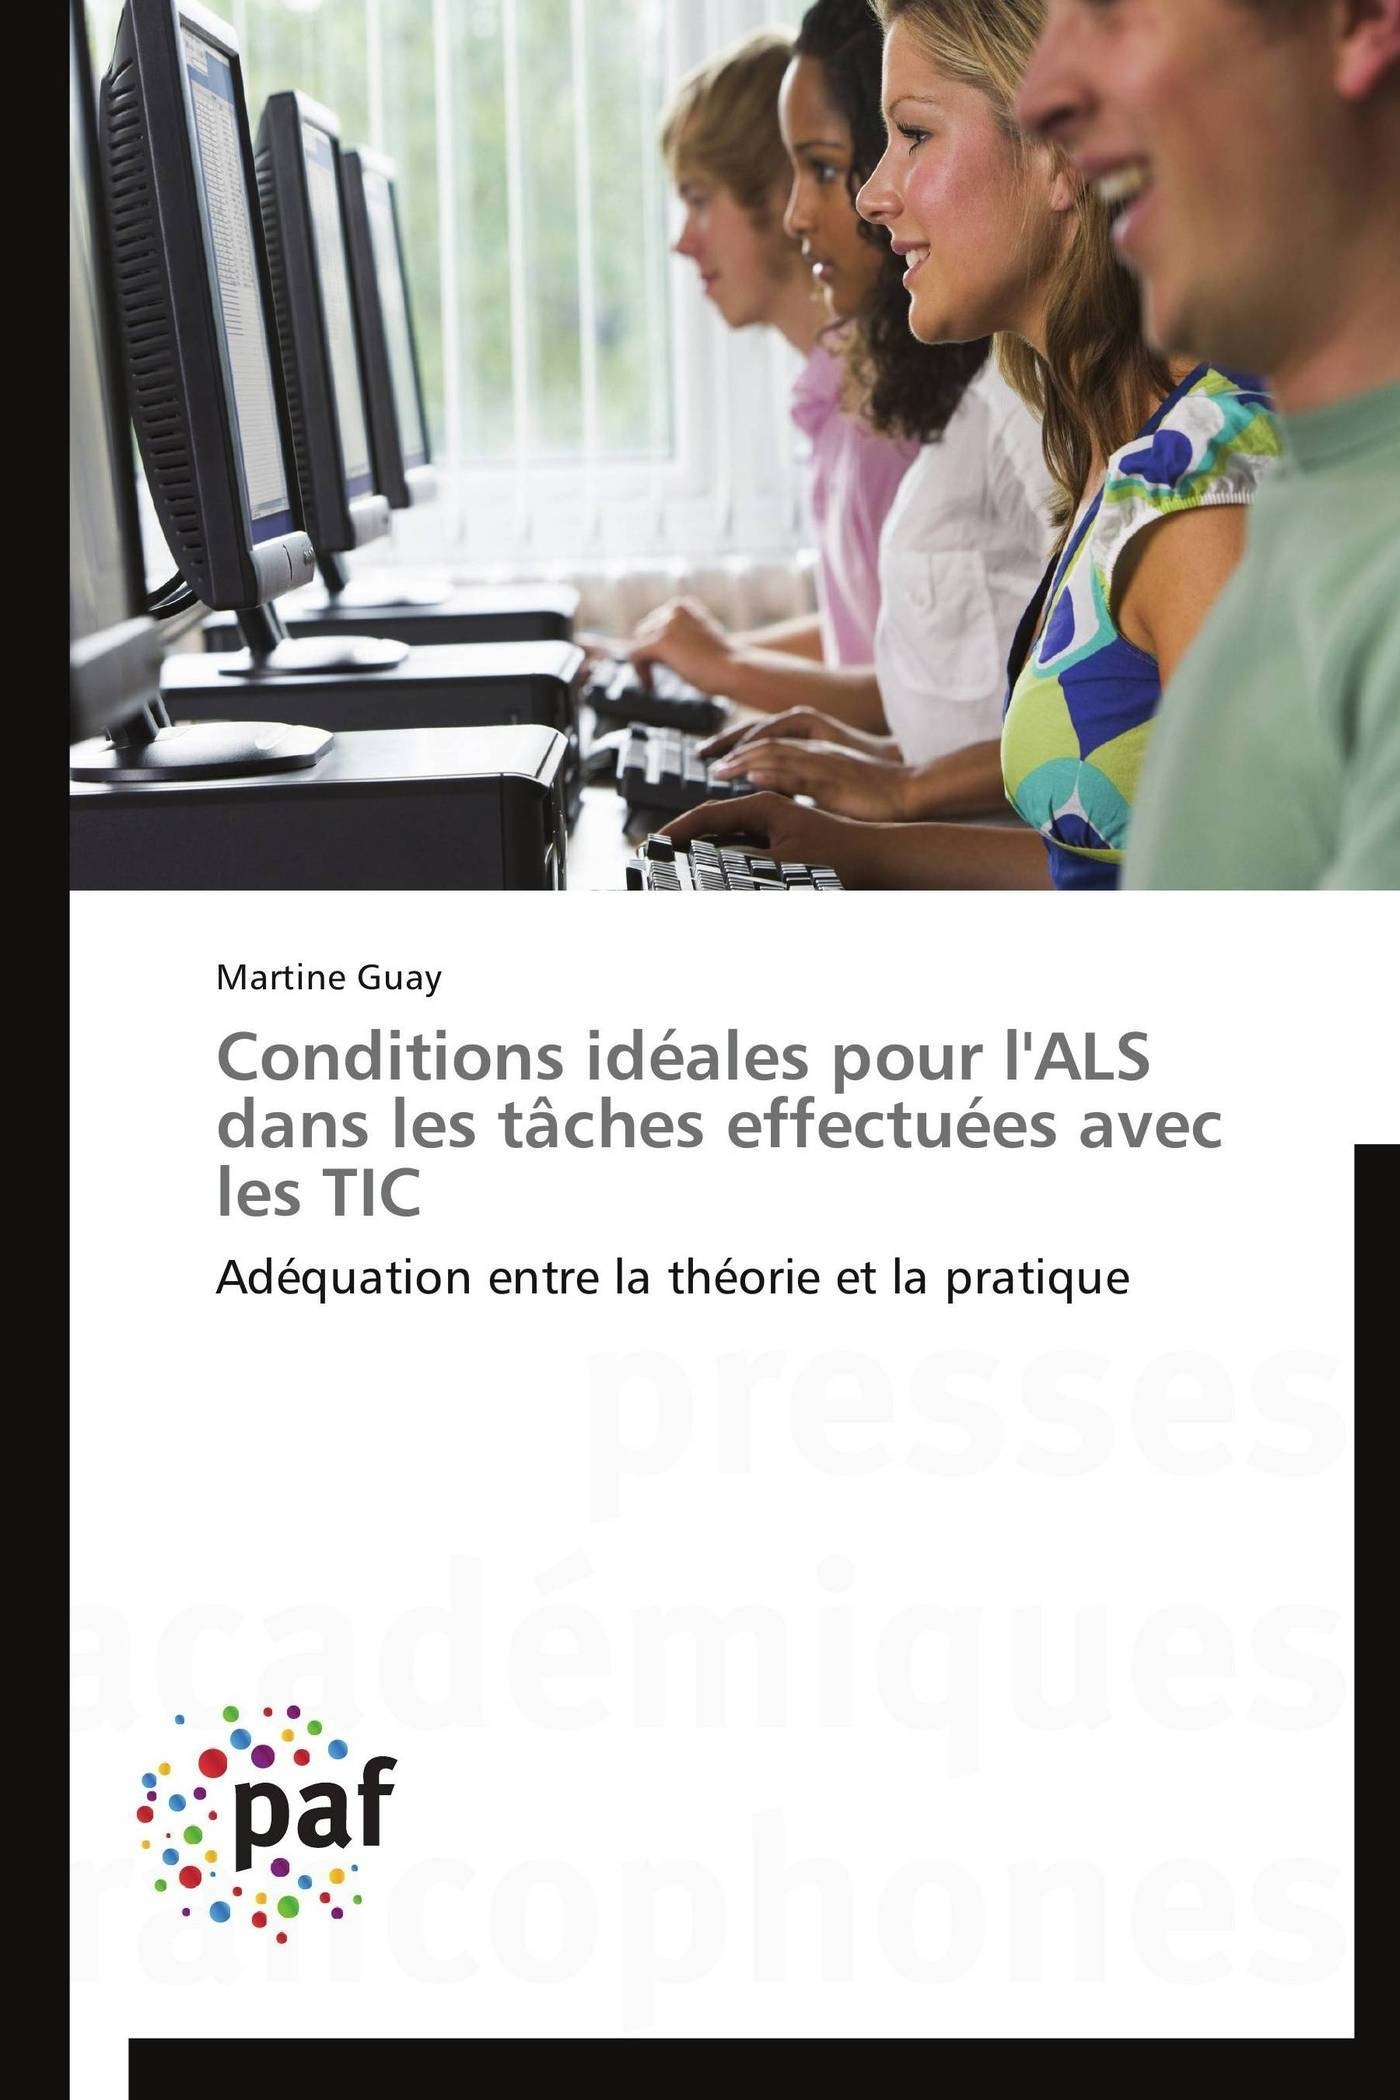 CONDITIONS IDEALES POUR L'ALS DANS LES TACHES EFFECTUEES AVEC LES TIC